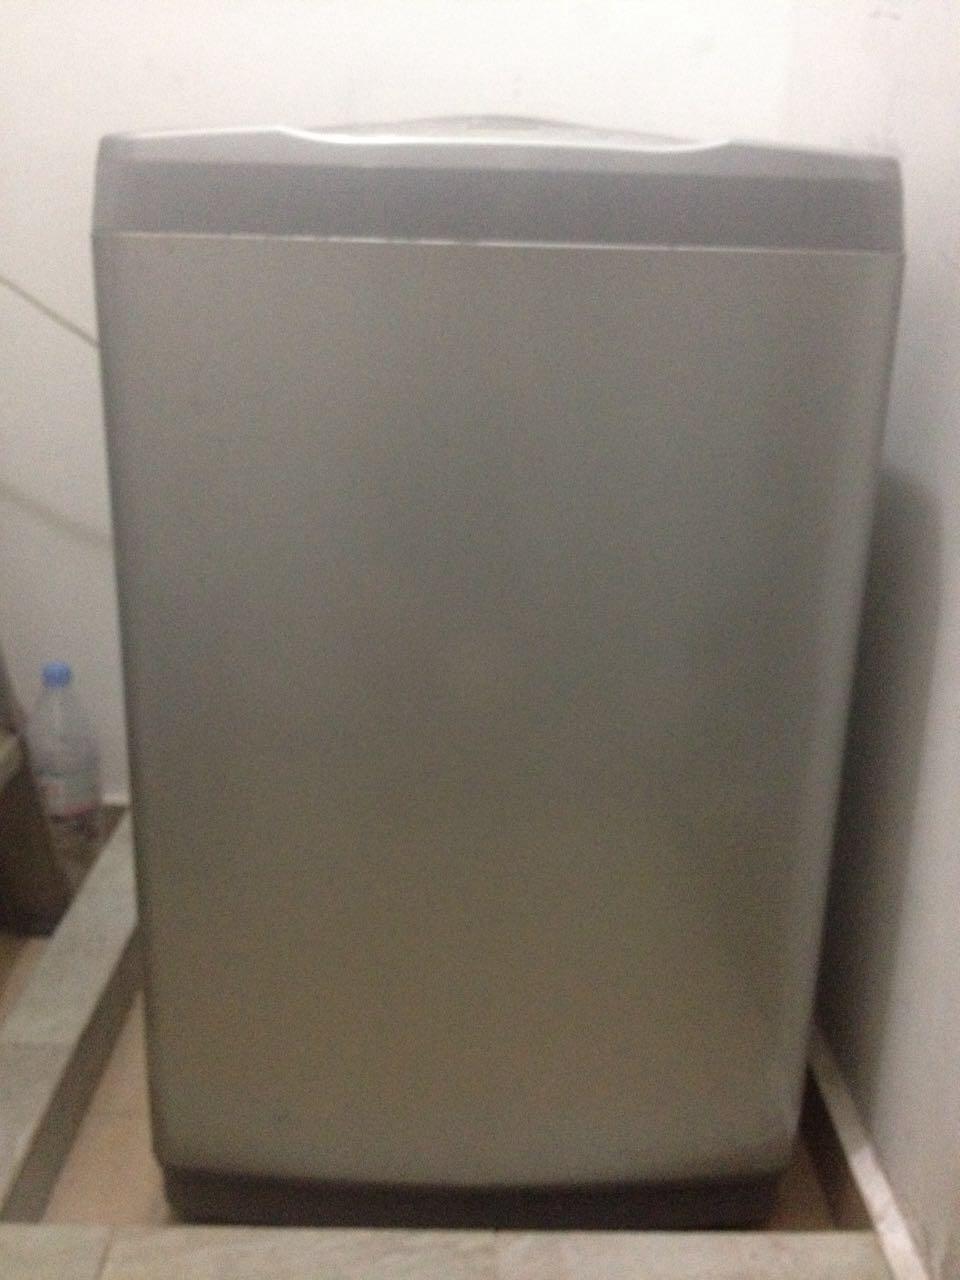 出售9成新LG全自动洗衣机